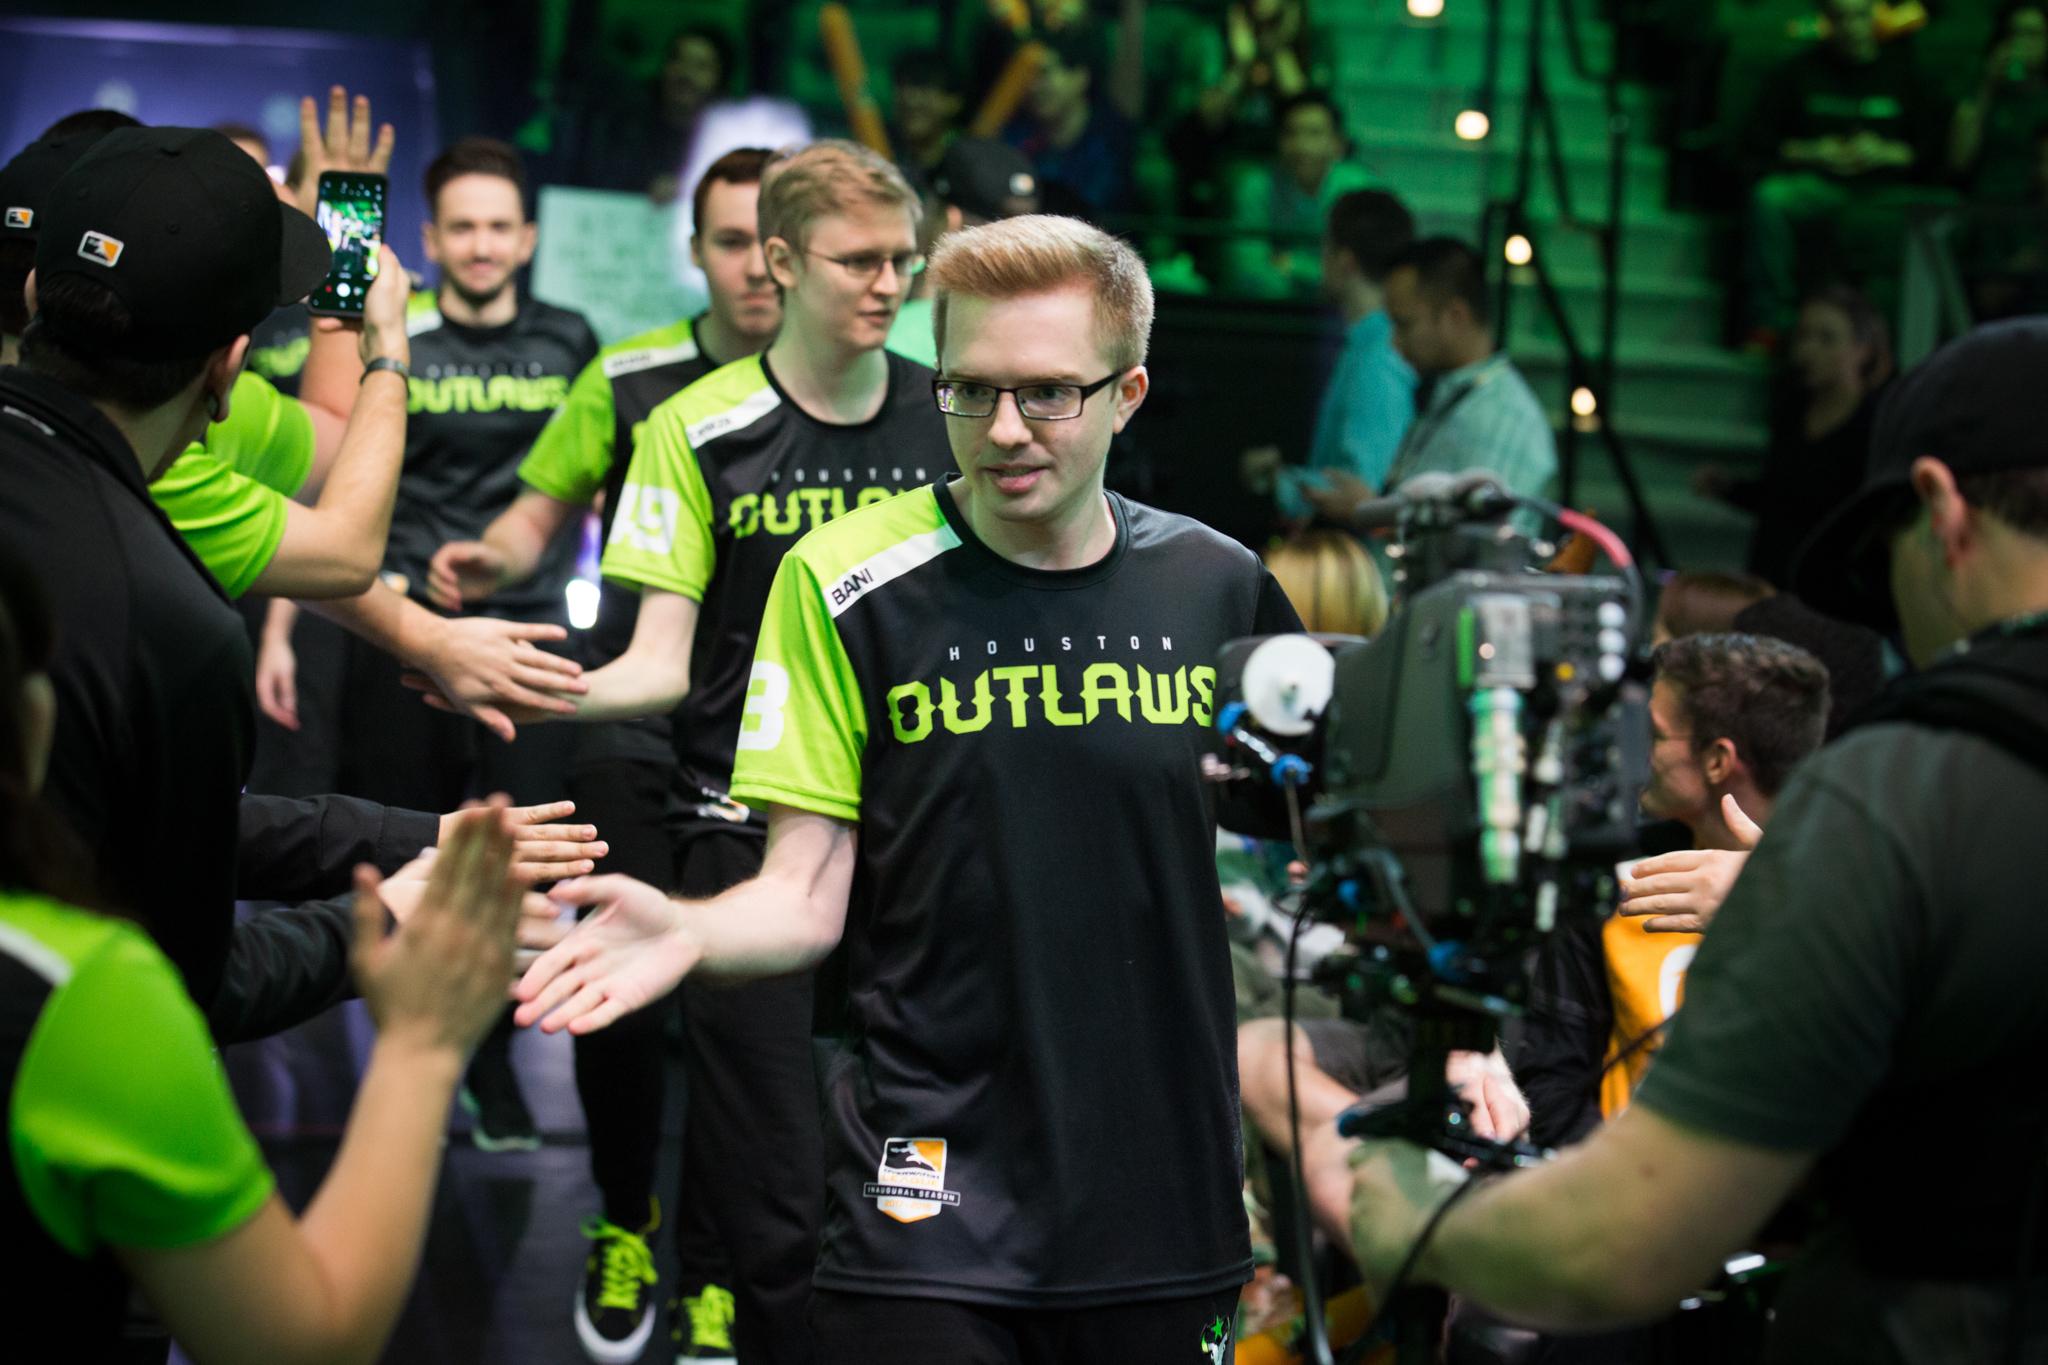 Houston_Outlaws_enter_the_arena